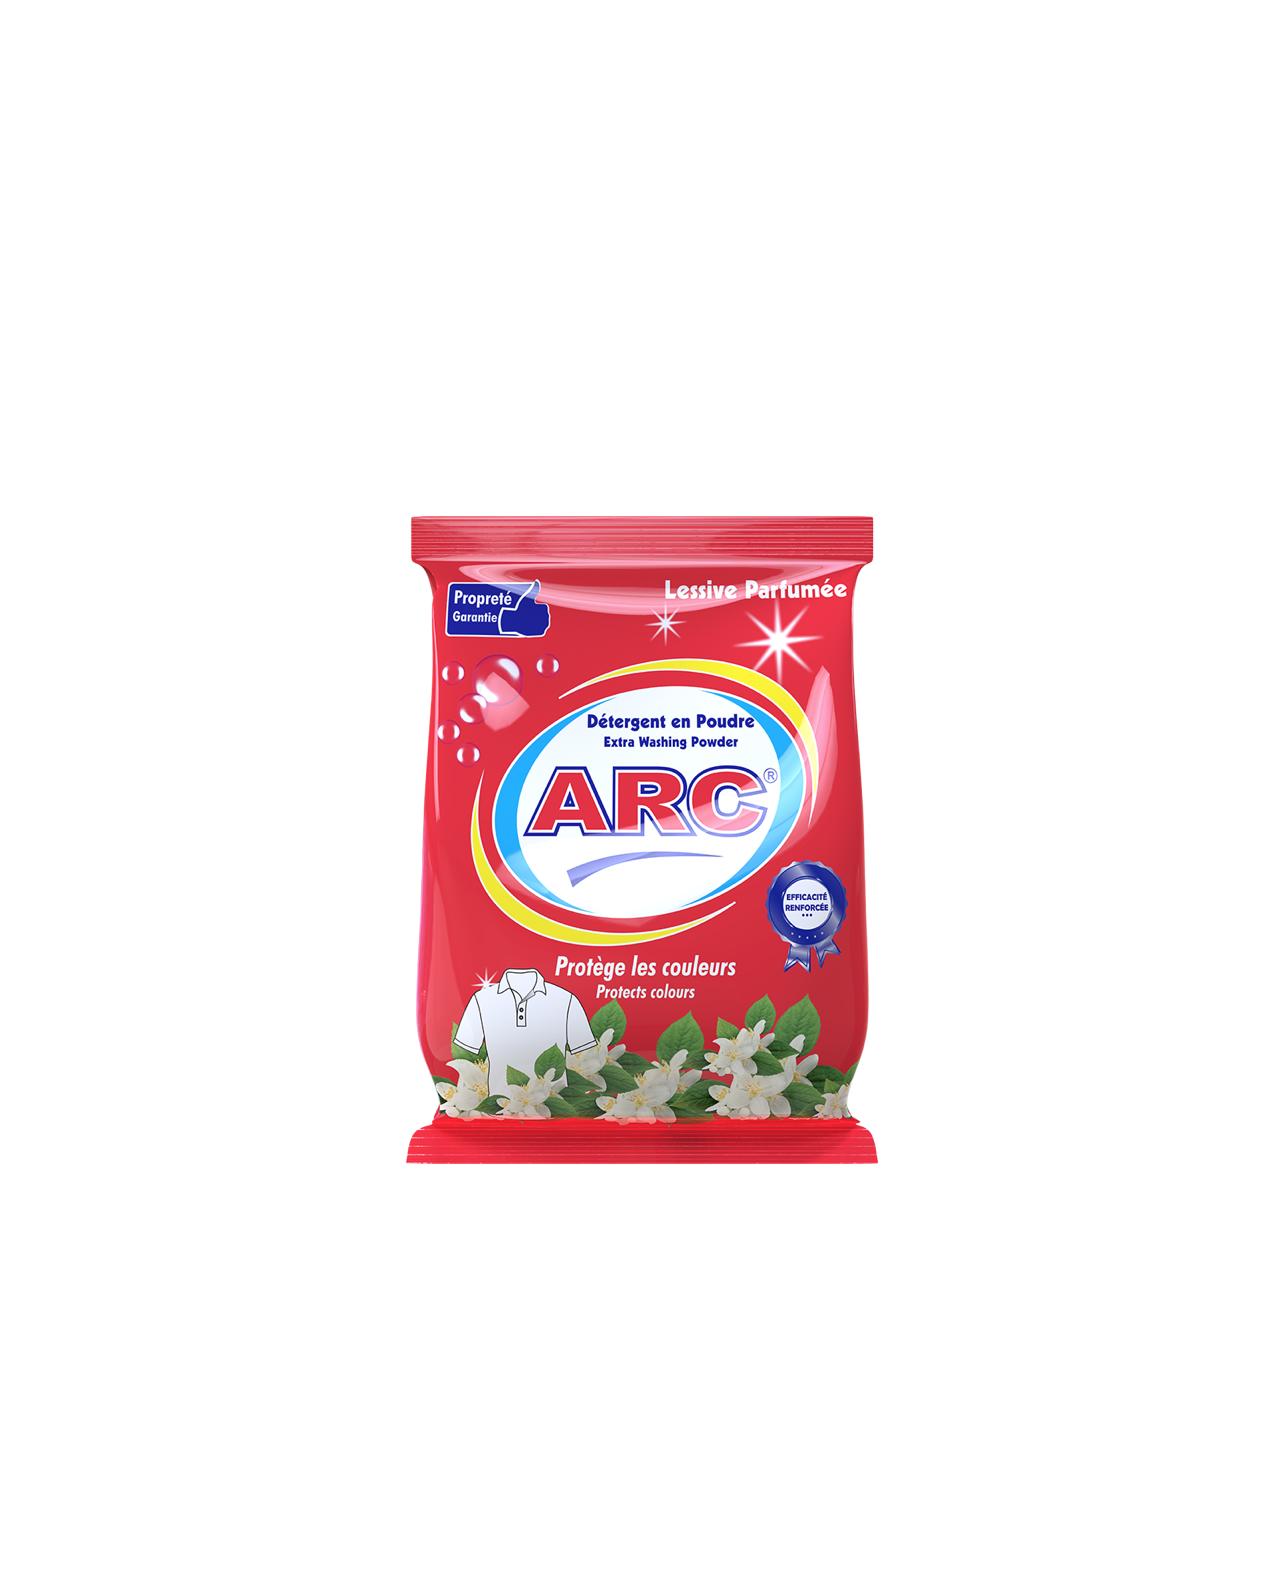 ARC_FP 100g_Siprochim